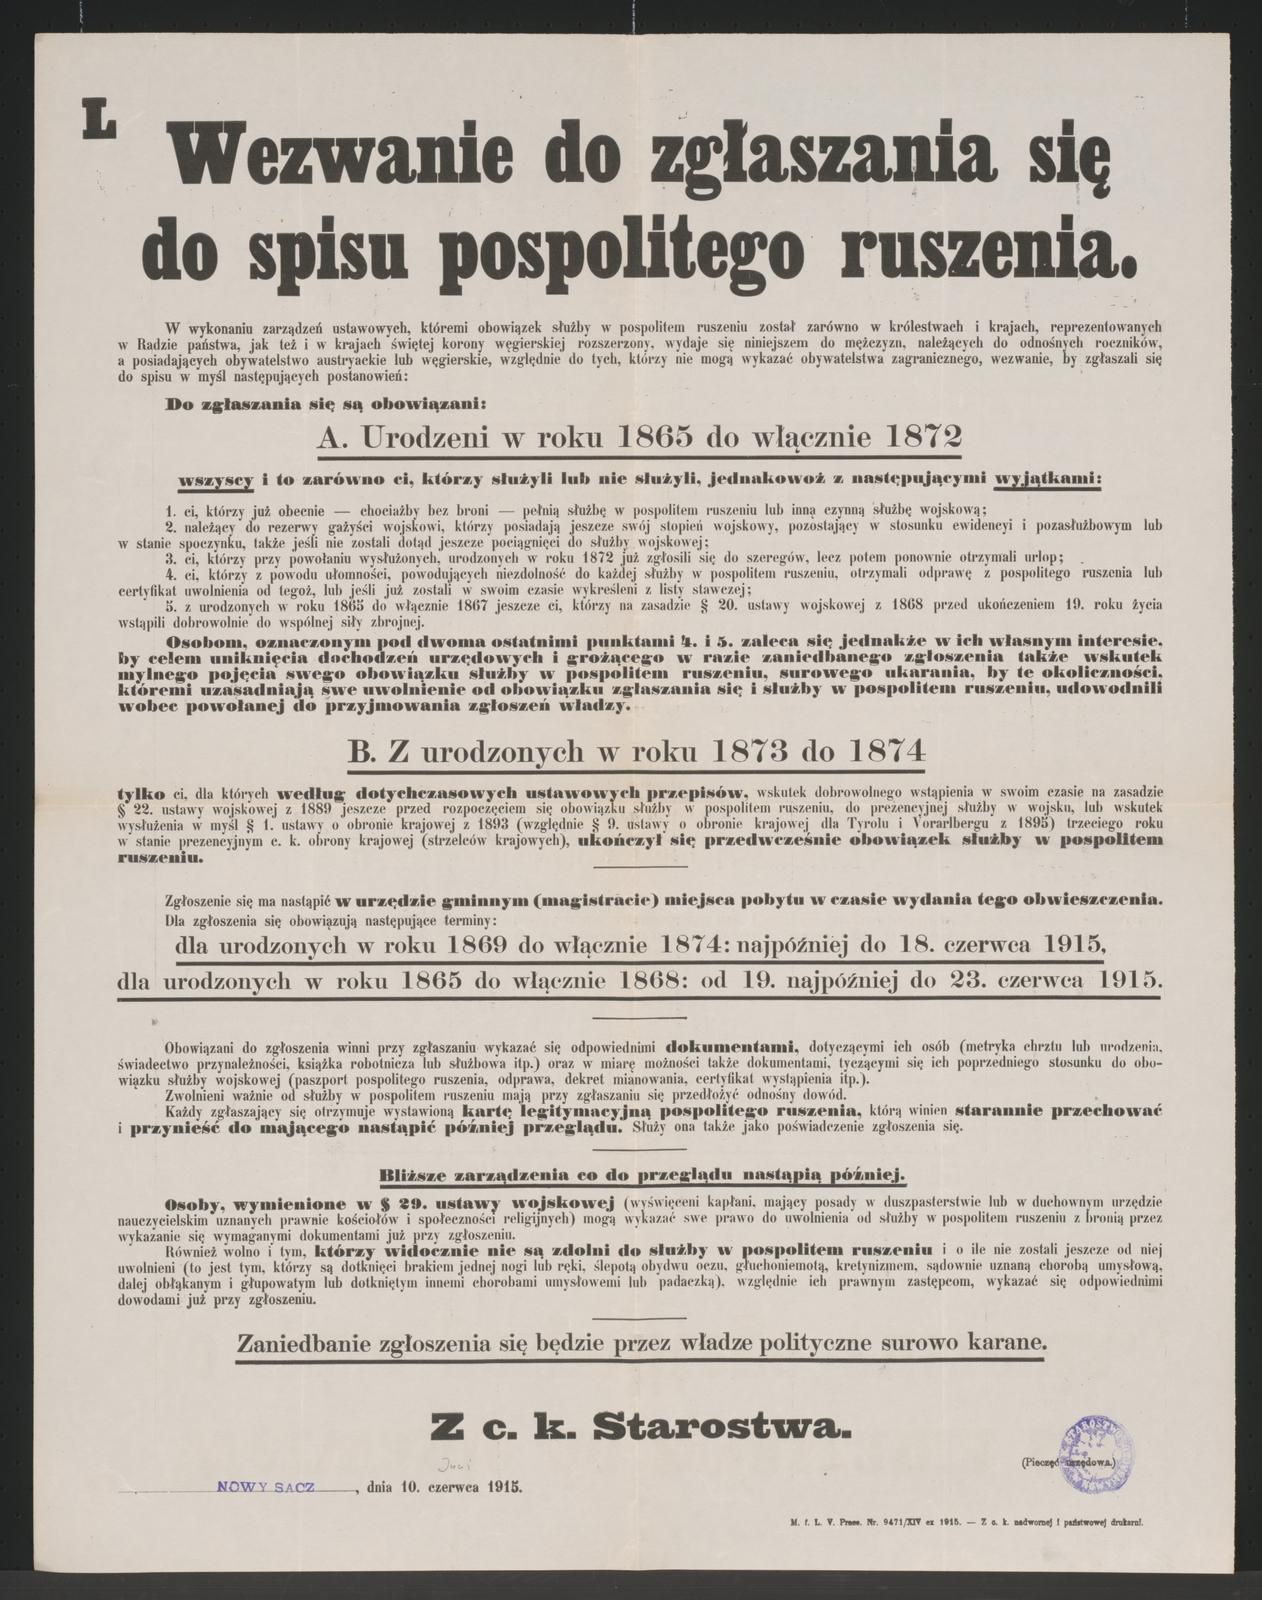 Einberufung Zur Volksarmee L Aufruf Neu Sandez In Polnischer